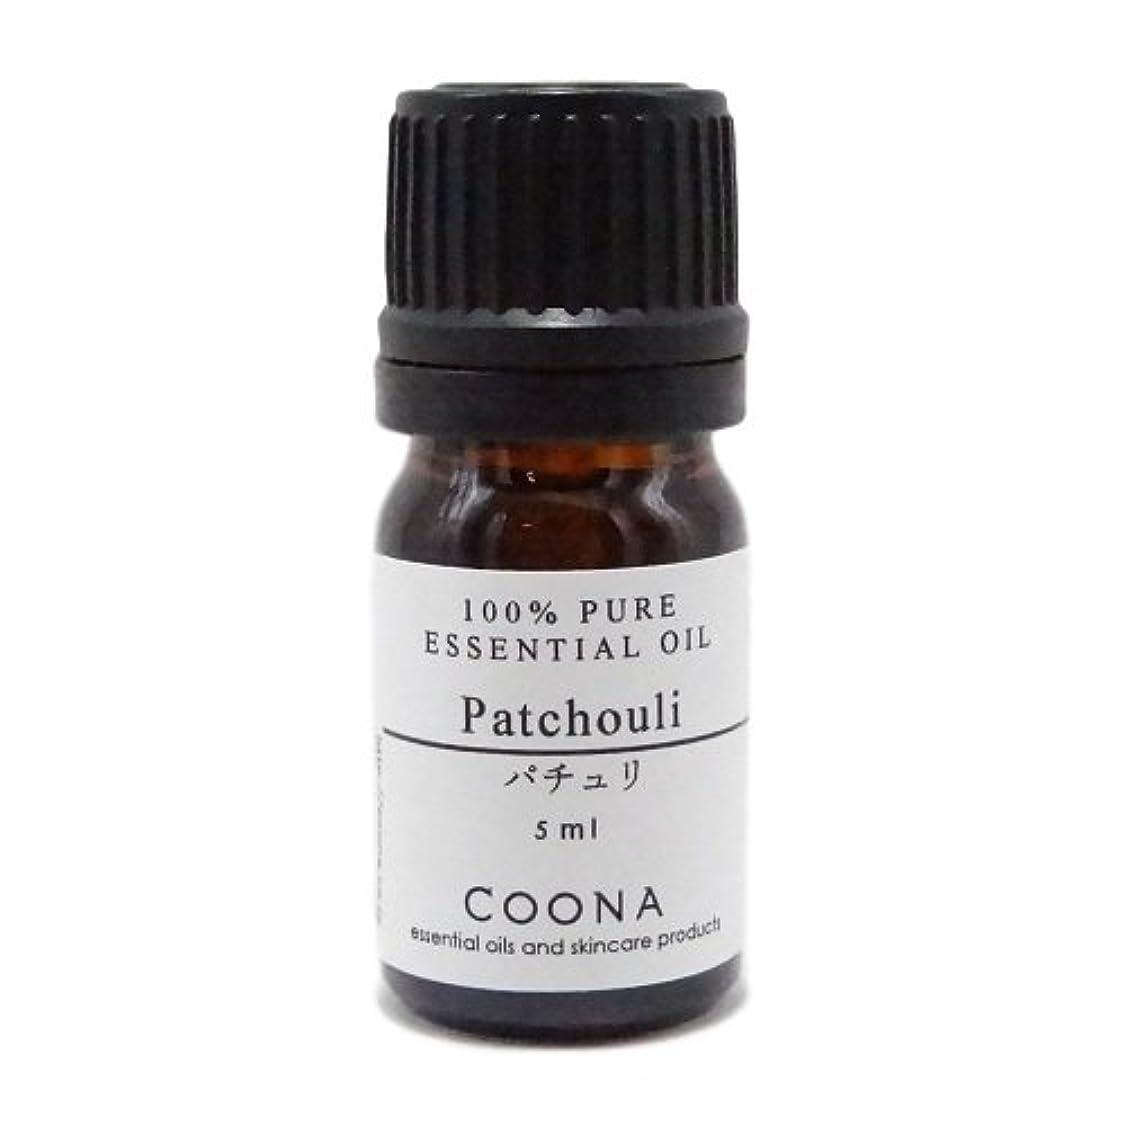 閉じるホームスタンドパチュリ 5 ml (COONA エッセンシャルオイル アロマオイル 100%天然植物精油)